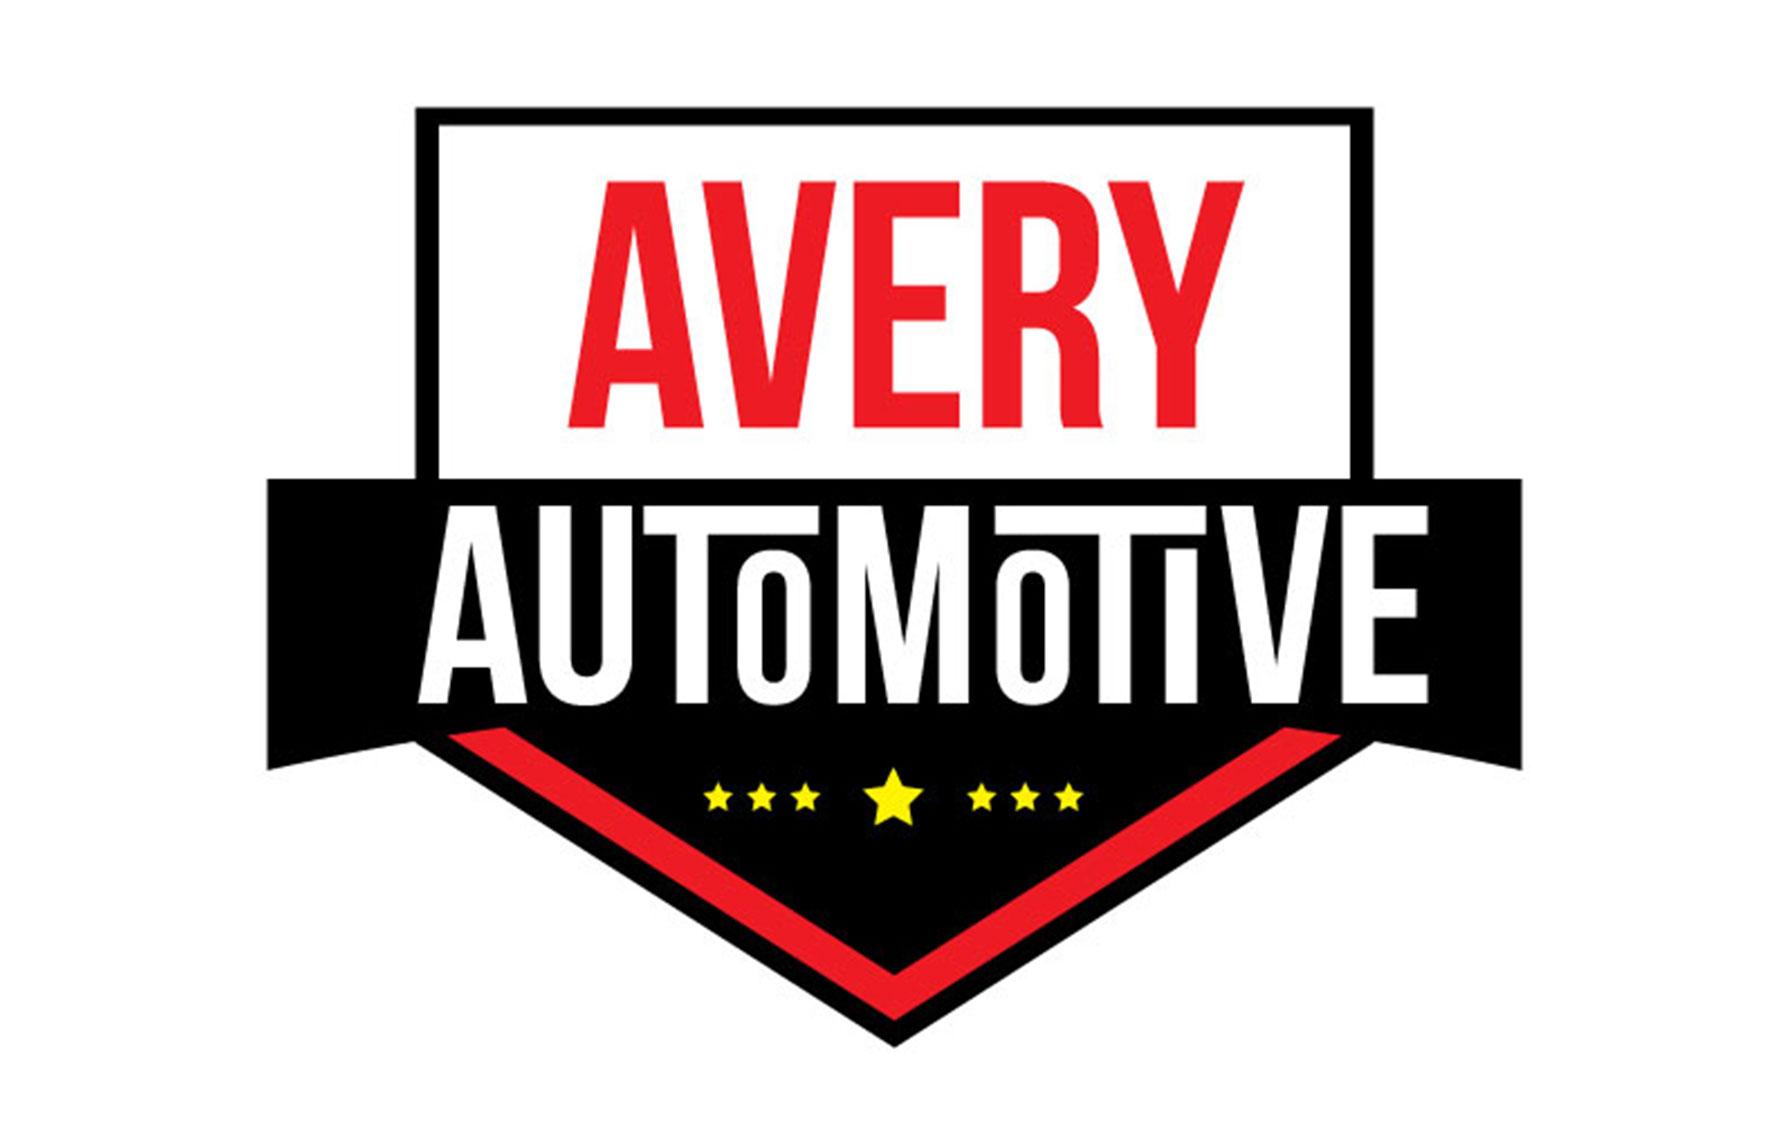 Avery Automotive